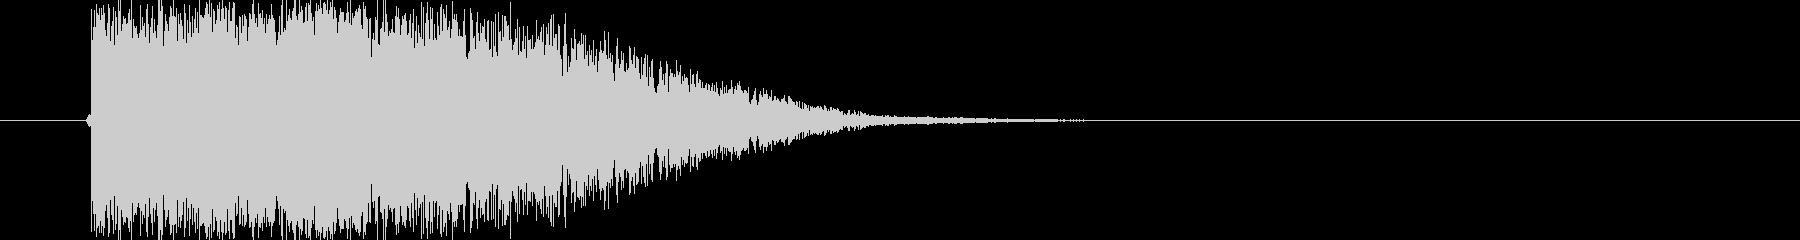 タイトル_ロゴ表示の未再生の波形